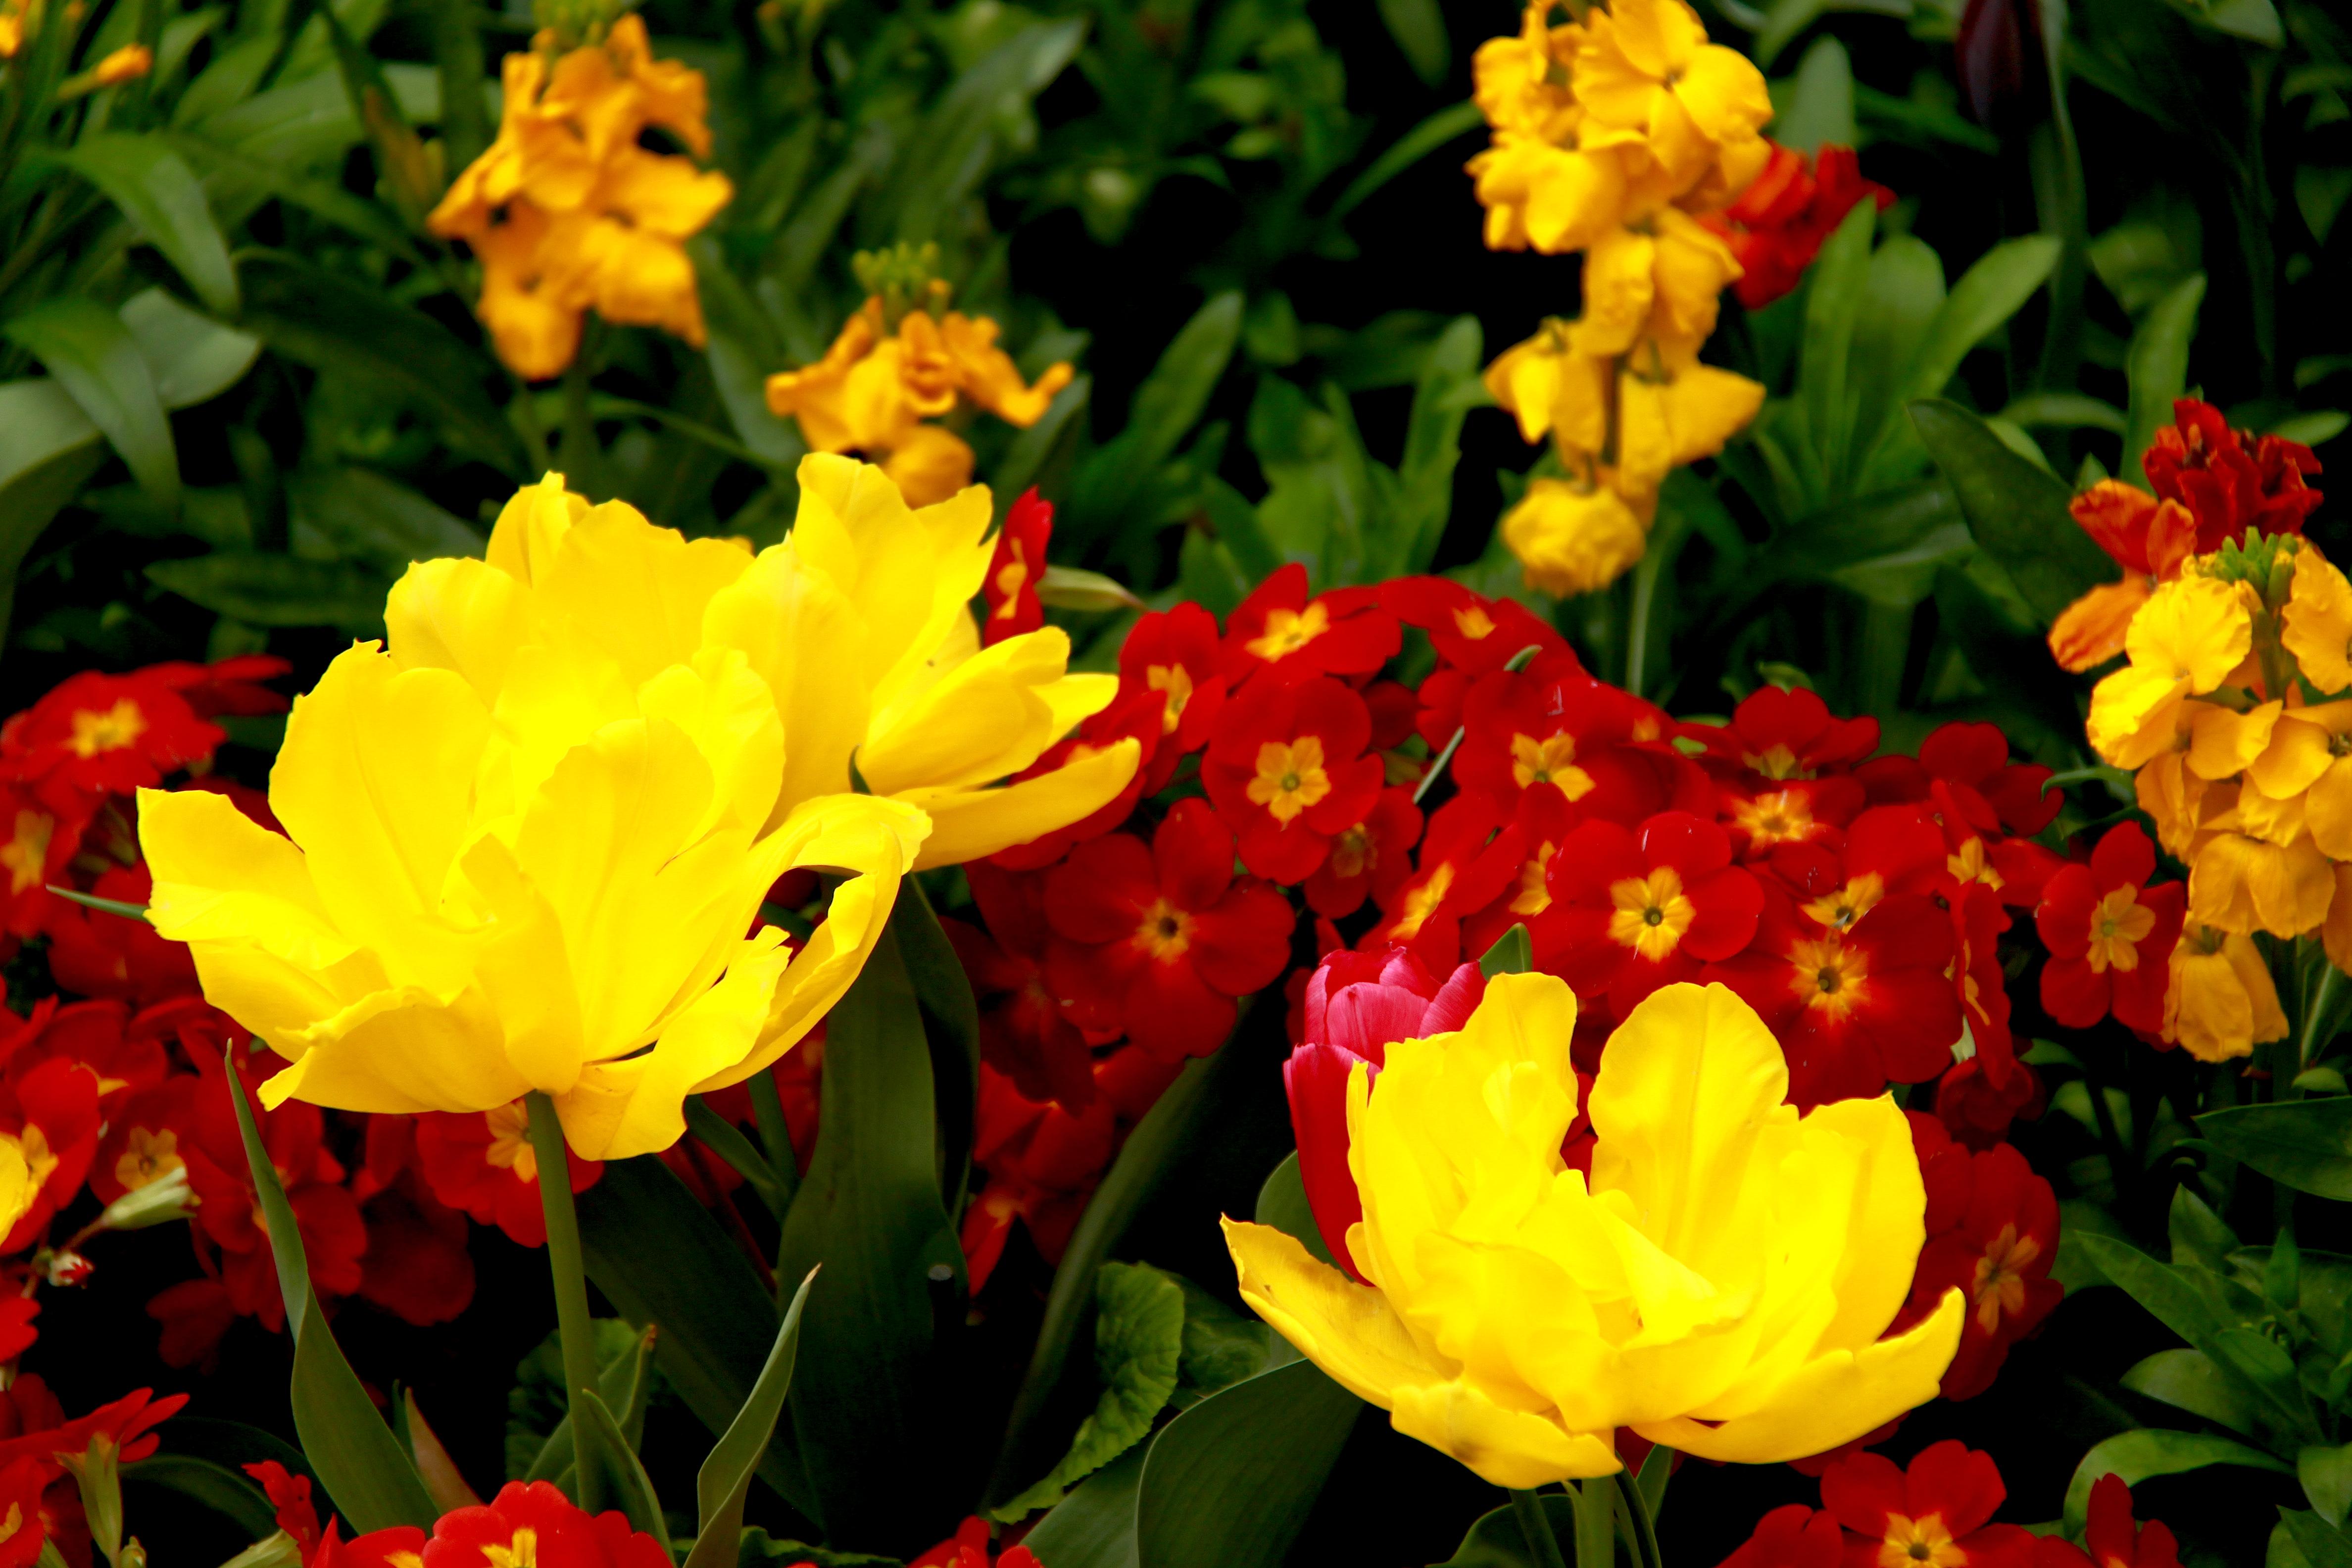 Filespring flowers in london 6967710212g wikimedia commons filespring flowers in london 6967710212g mightylinksfo